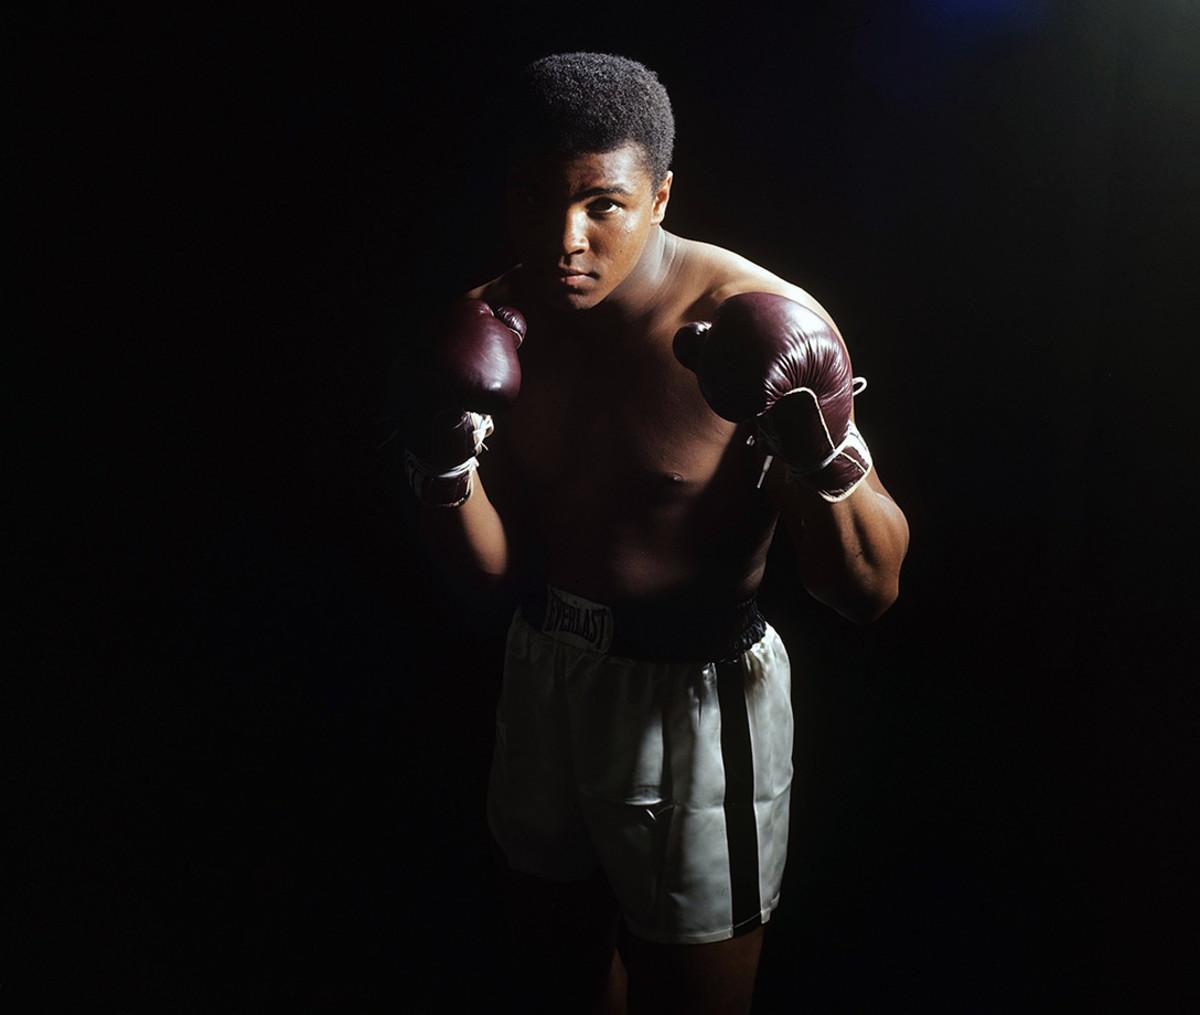 1965-0402-Muhammad-Ali-079008499.jpg